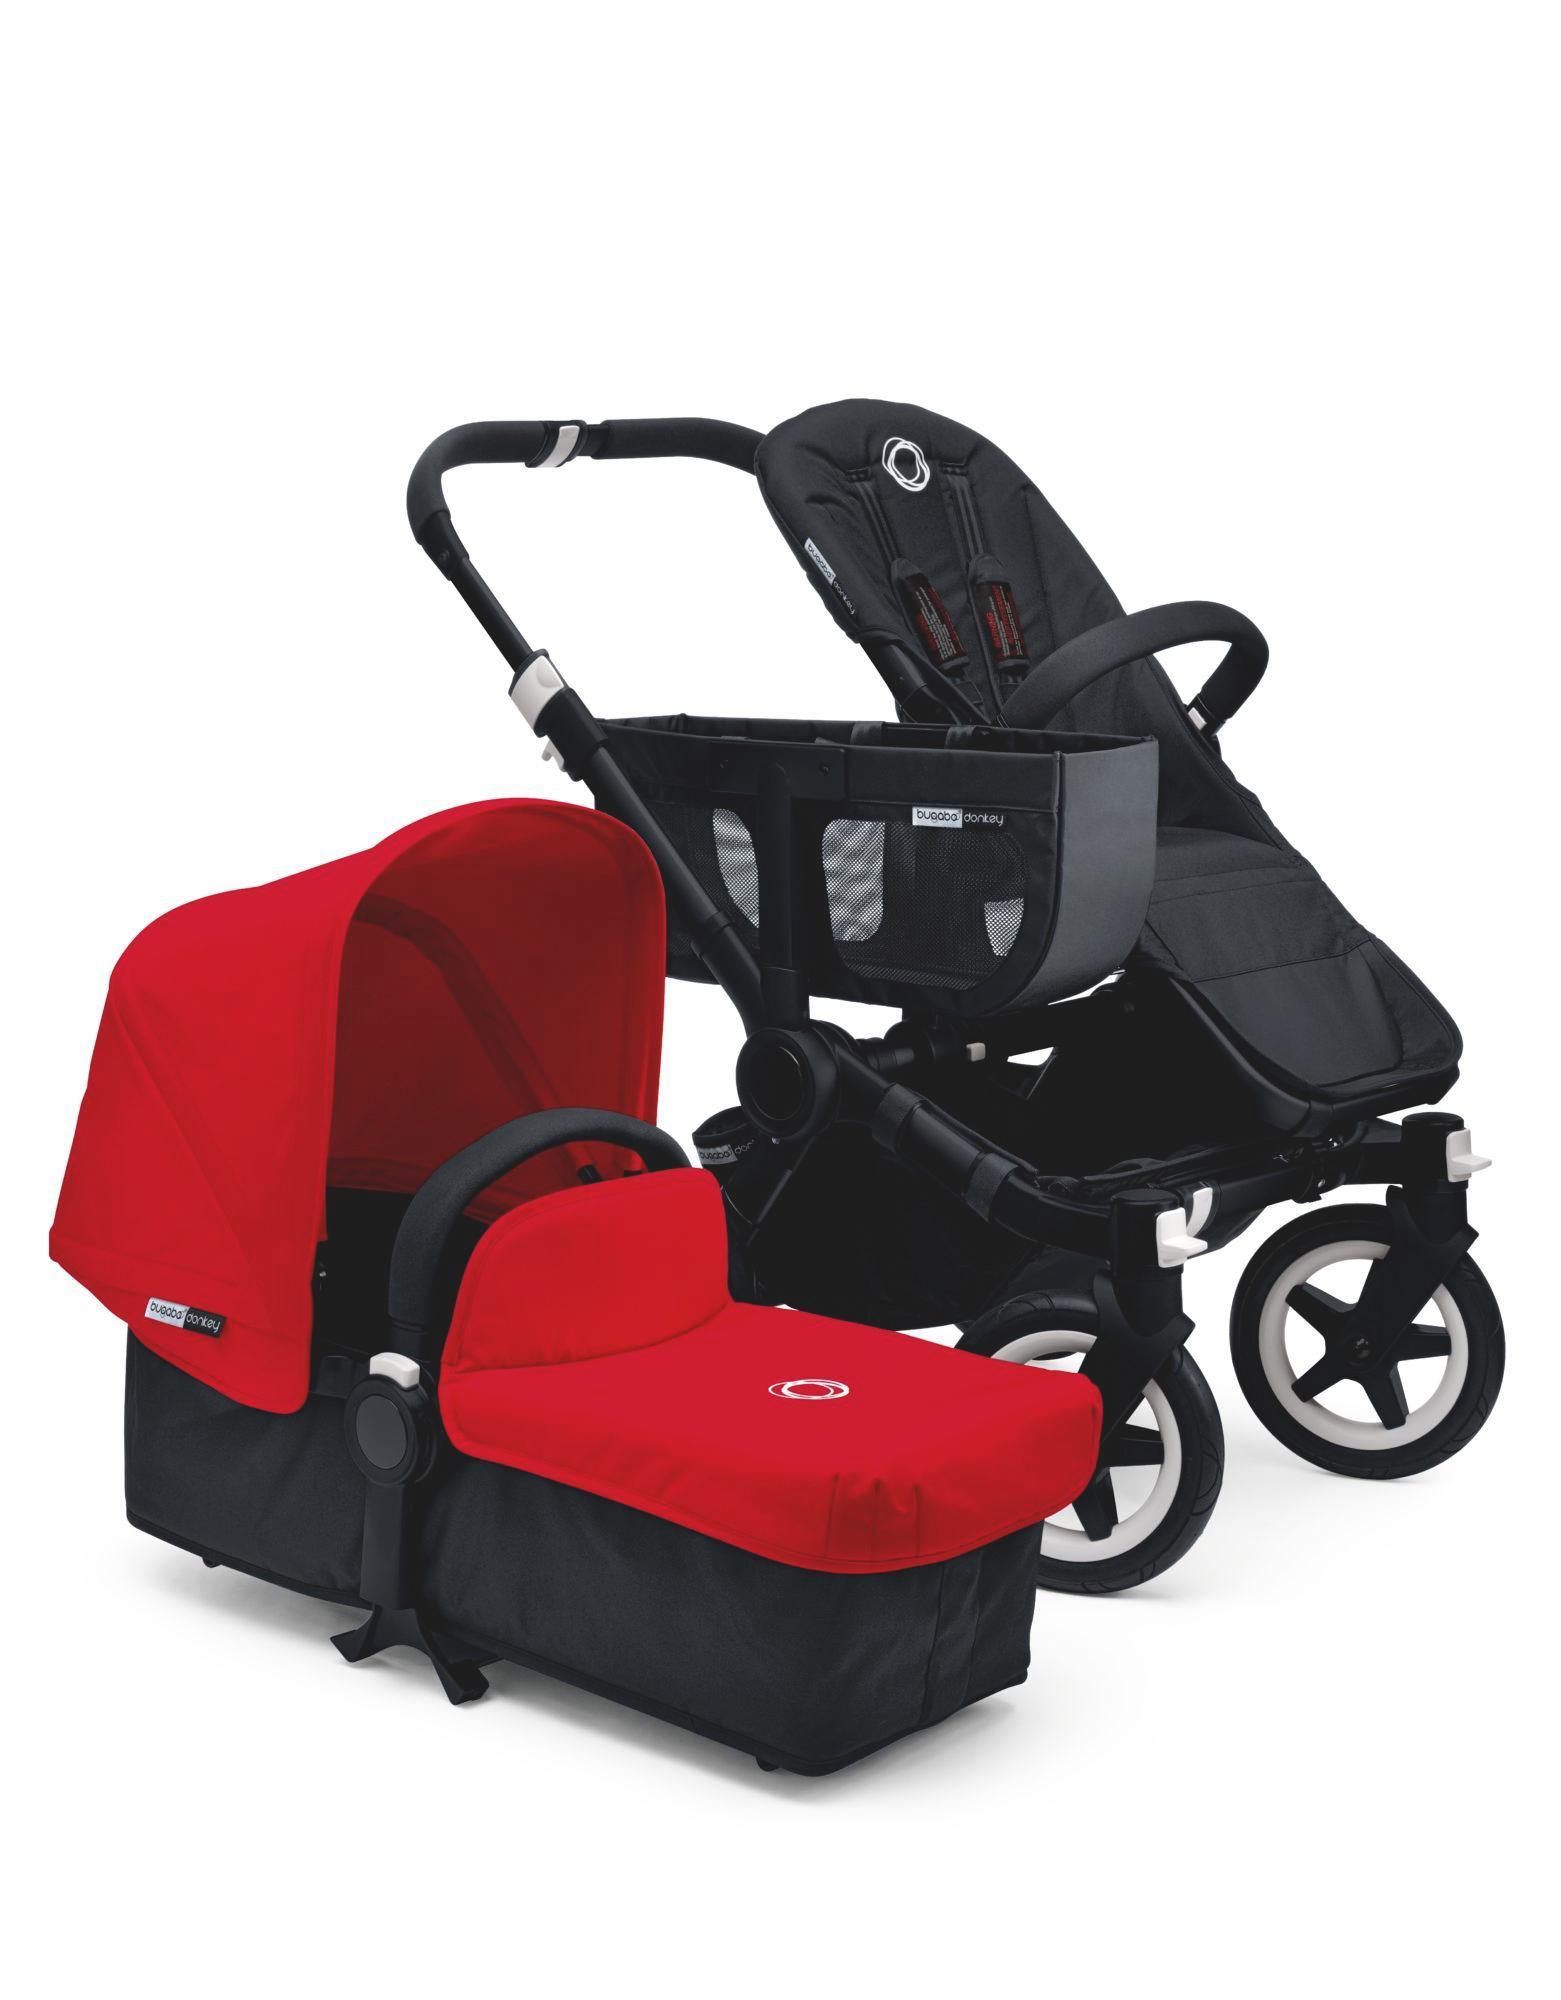 Amazon.com: Bugaboo Donkey Base carriola, Cochecito: Baby